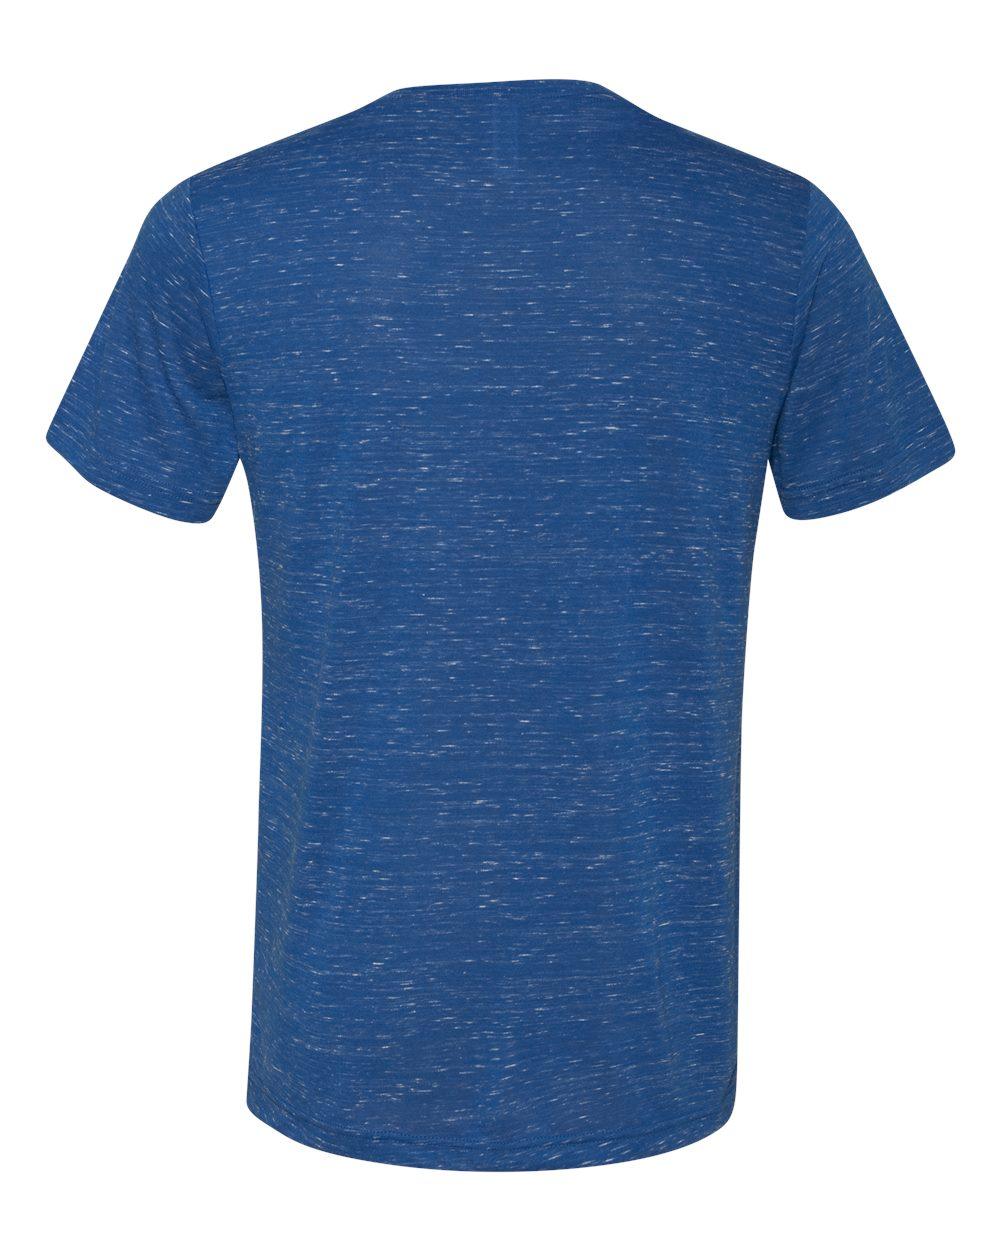 Bella-Canvas-Men-039-s-Jersey-Short-Sleeve-V-Neck-T-Shirt-3005-XS-3XL thumbnail 43